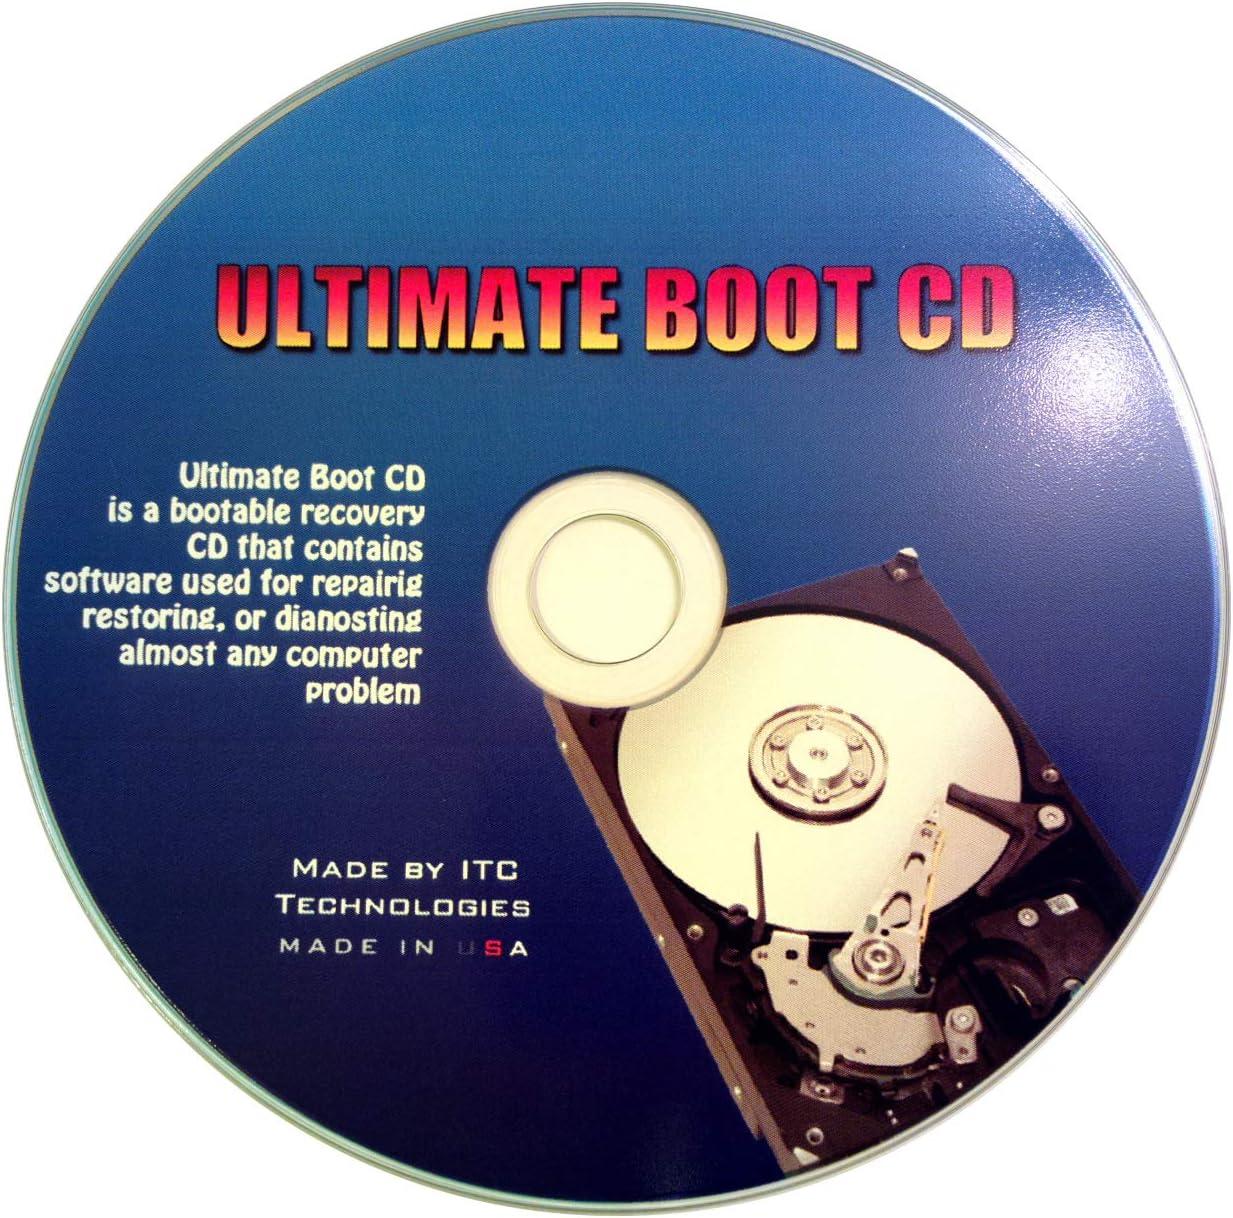 Ultimate Boot CD - Repair Windows 7, Vista, XP, 2000 - Recover lost data